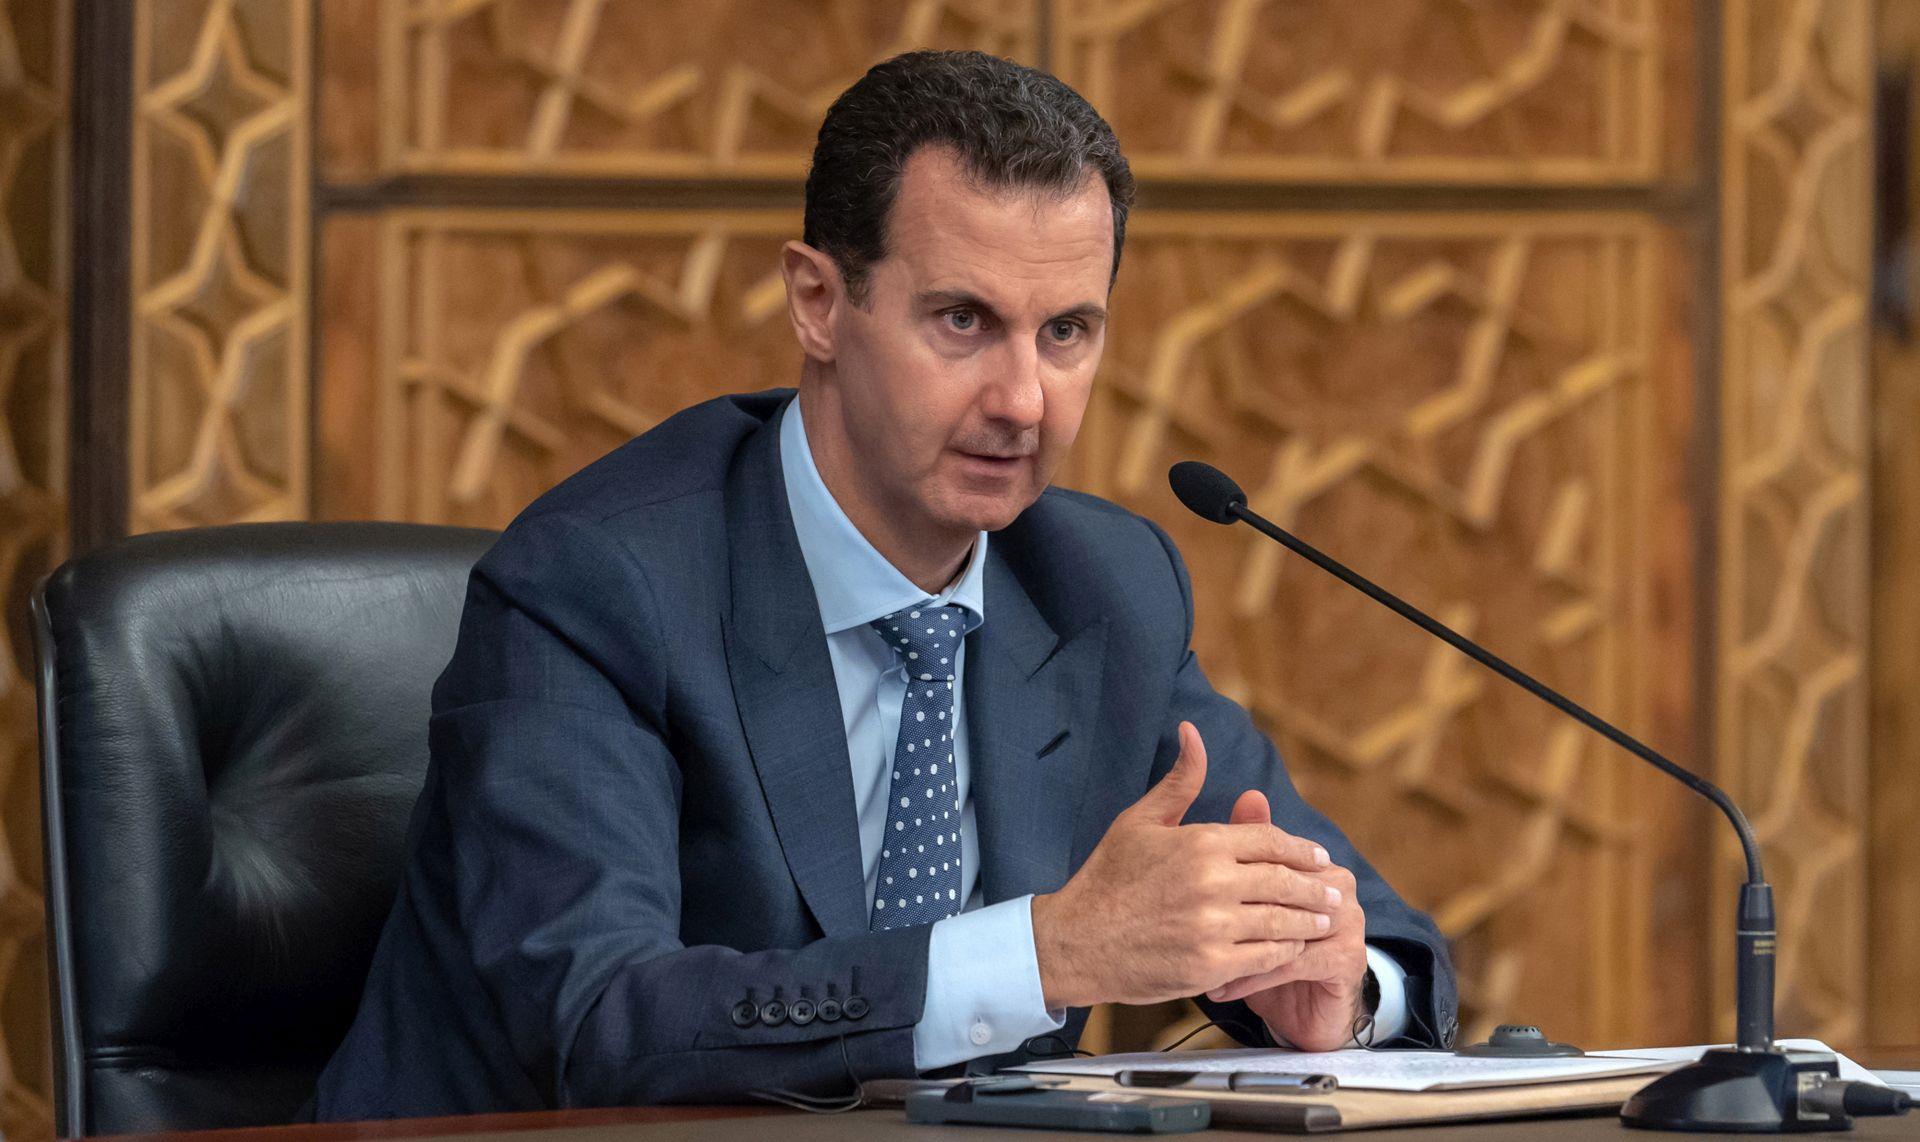 """Sirija ublažava mjere izolacije, Assad se boji """"katastrofe"""""""